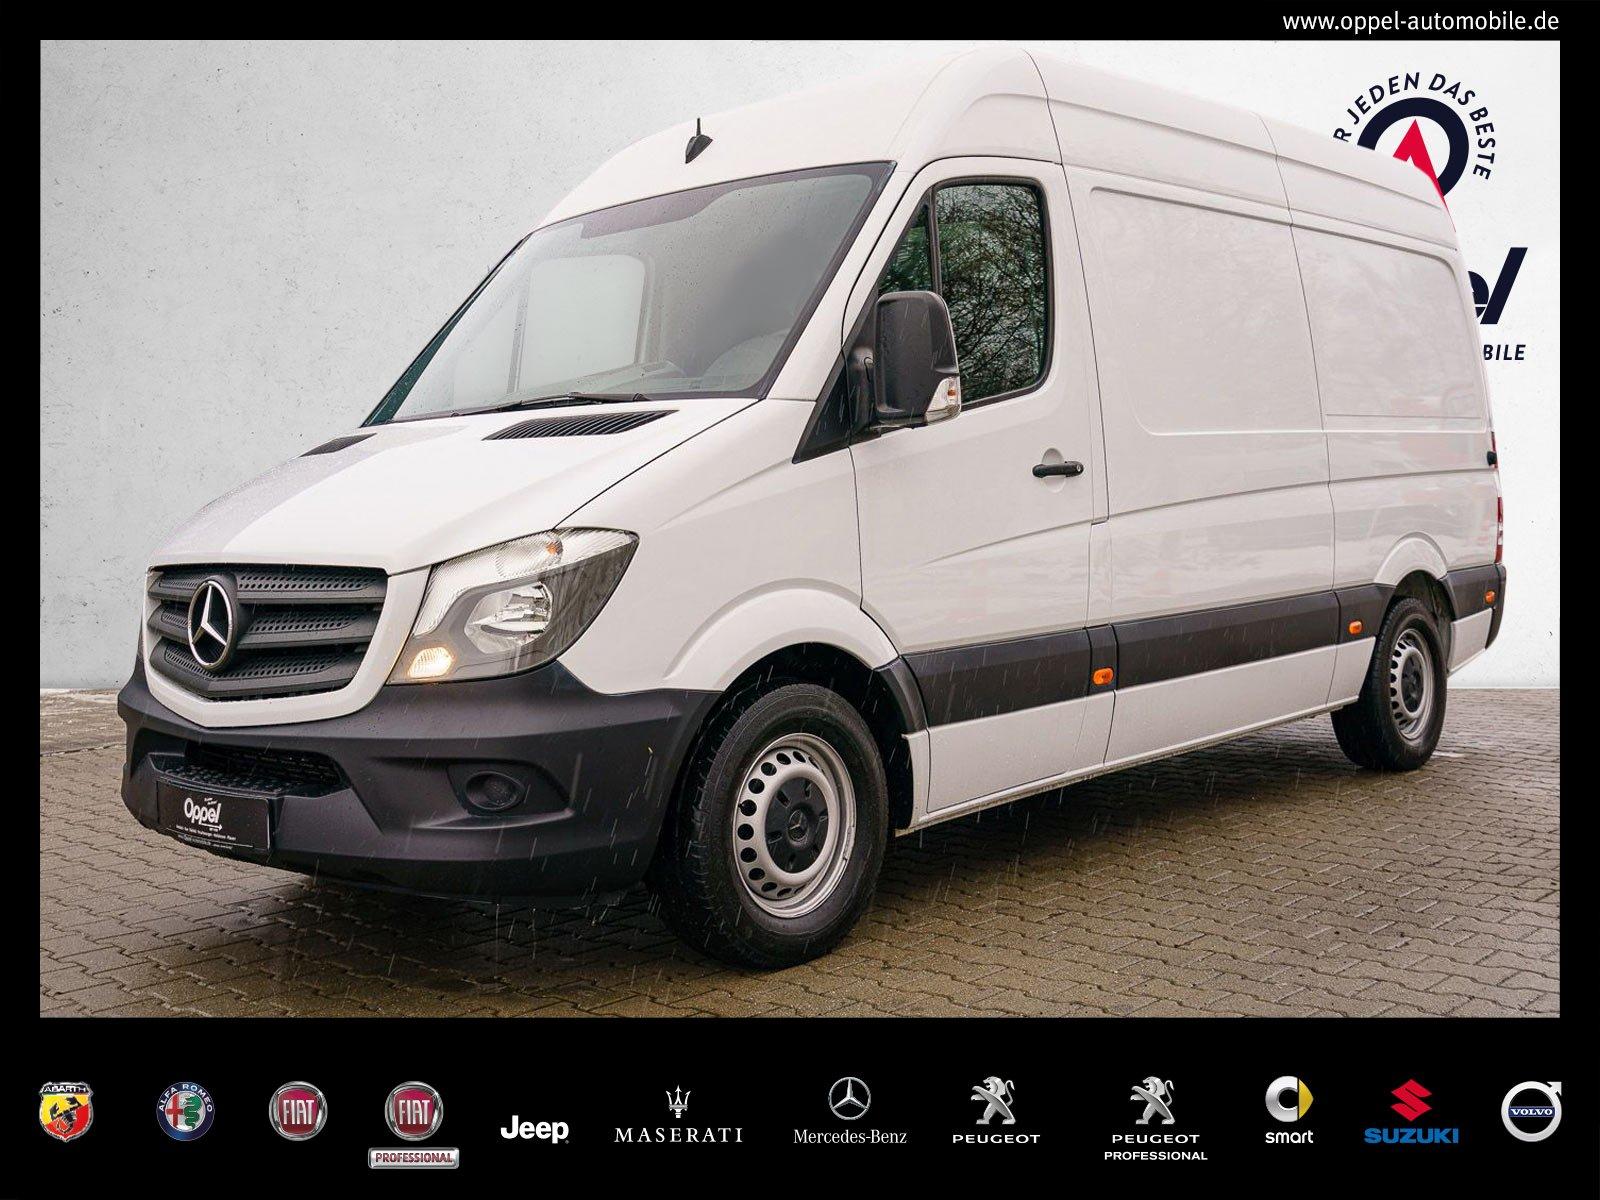 Mercedes-Benz Sprinter 314 CDI ++KLIMA+HOCHDACH+TRENNWAND+ESP+, Jahr 2016, Diesel